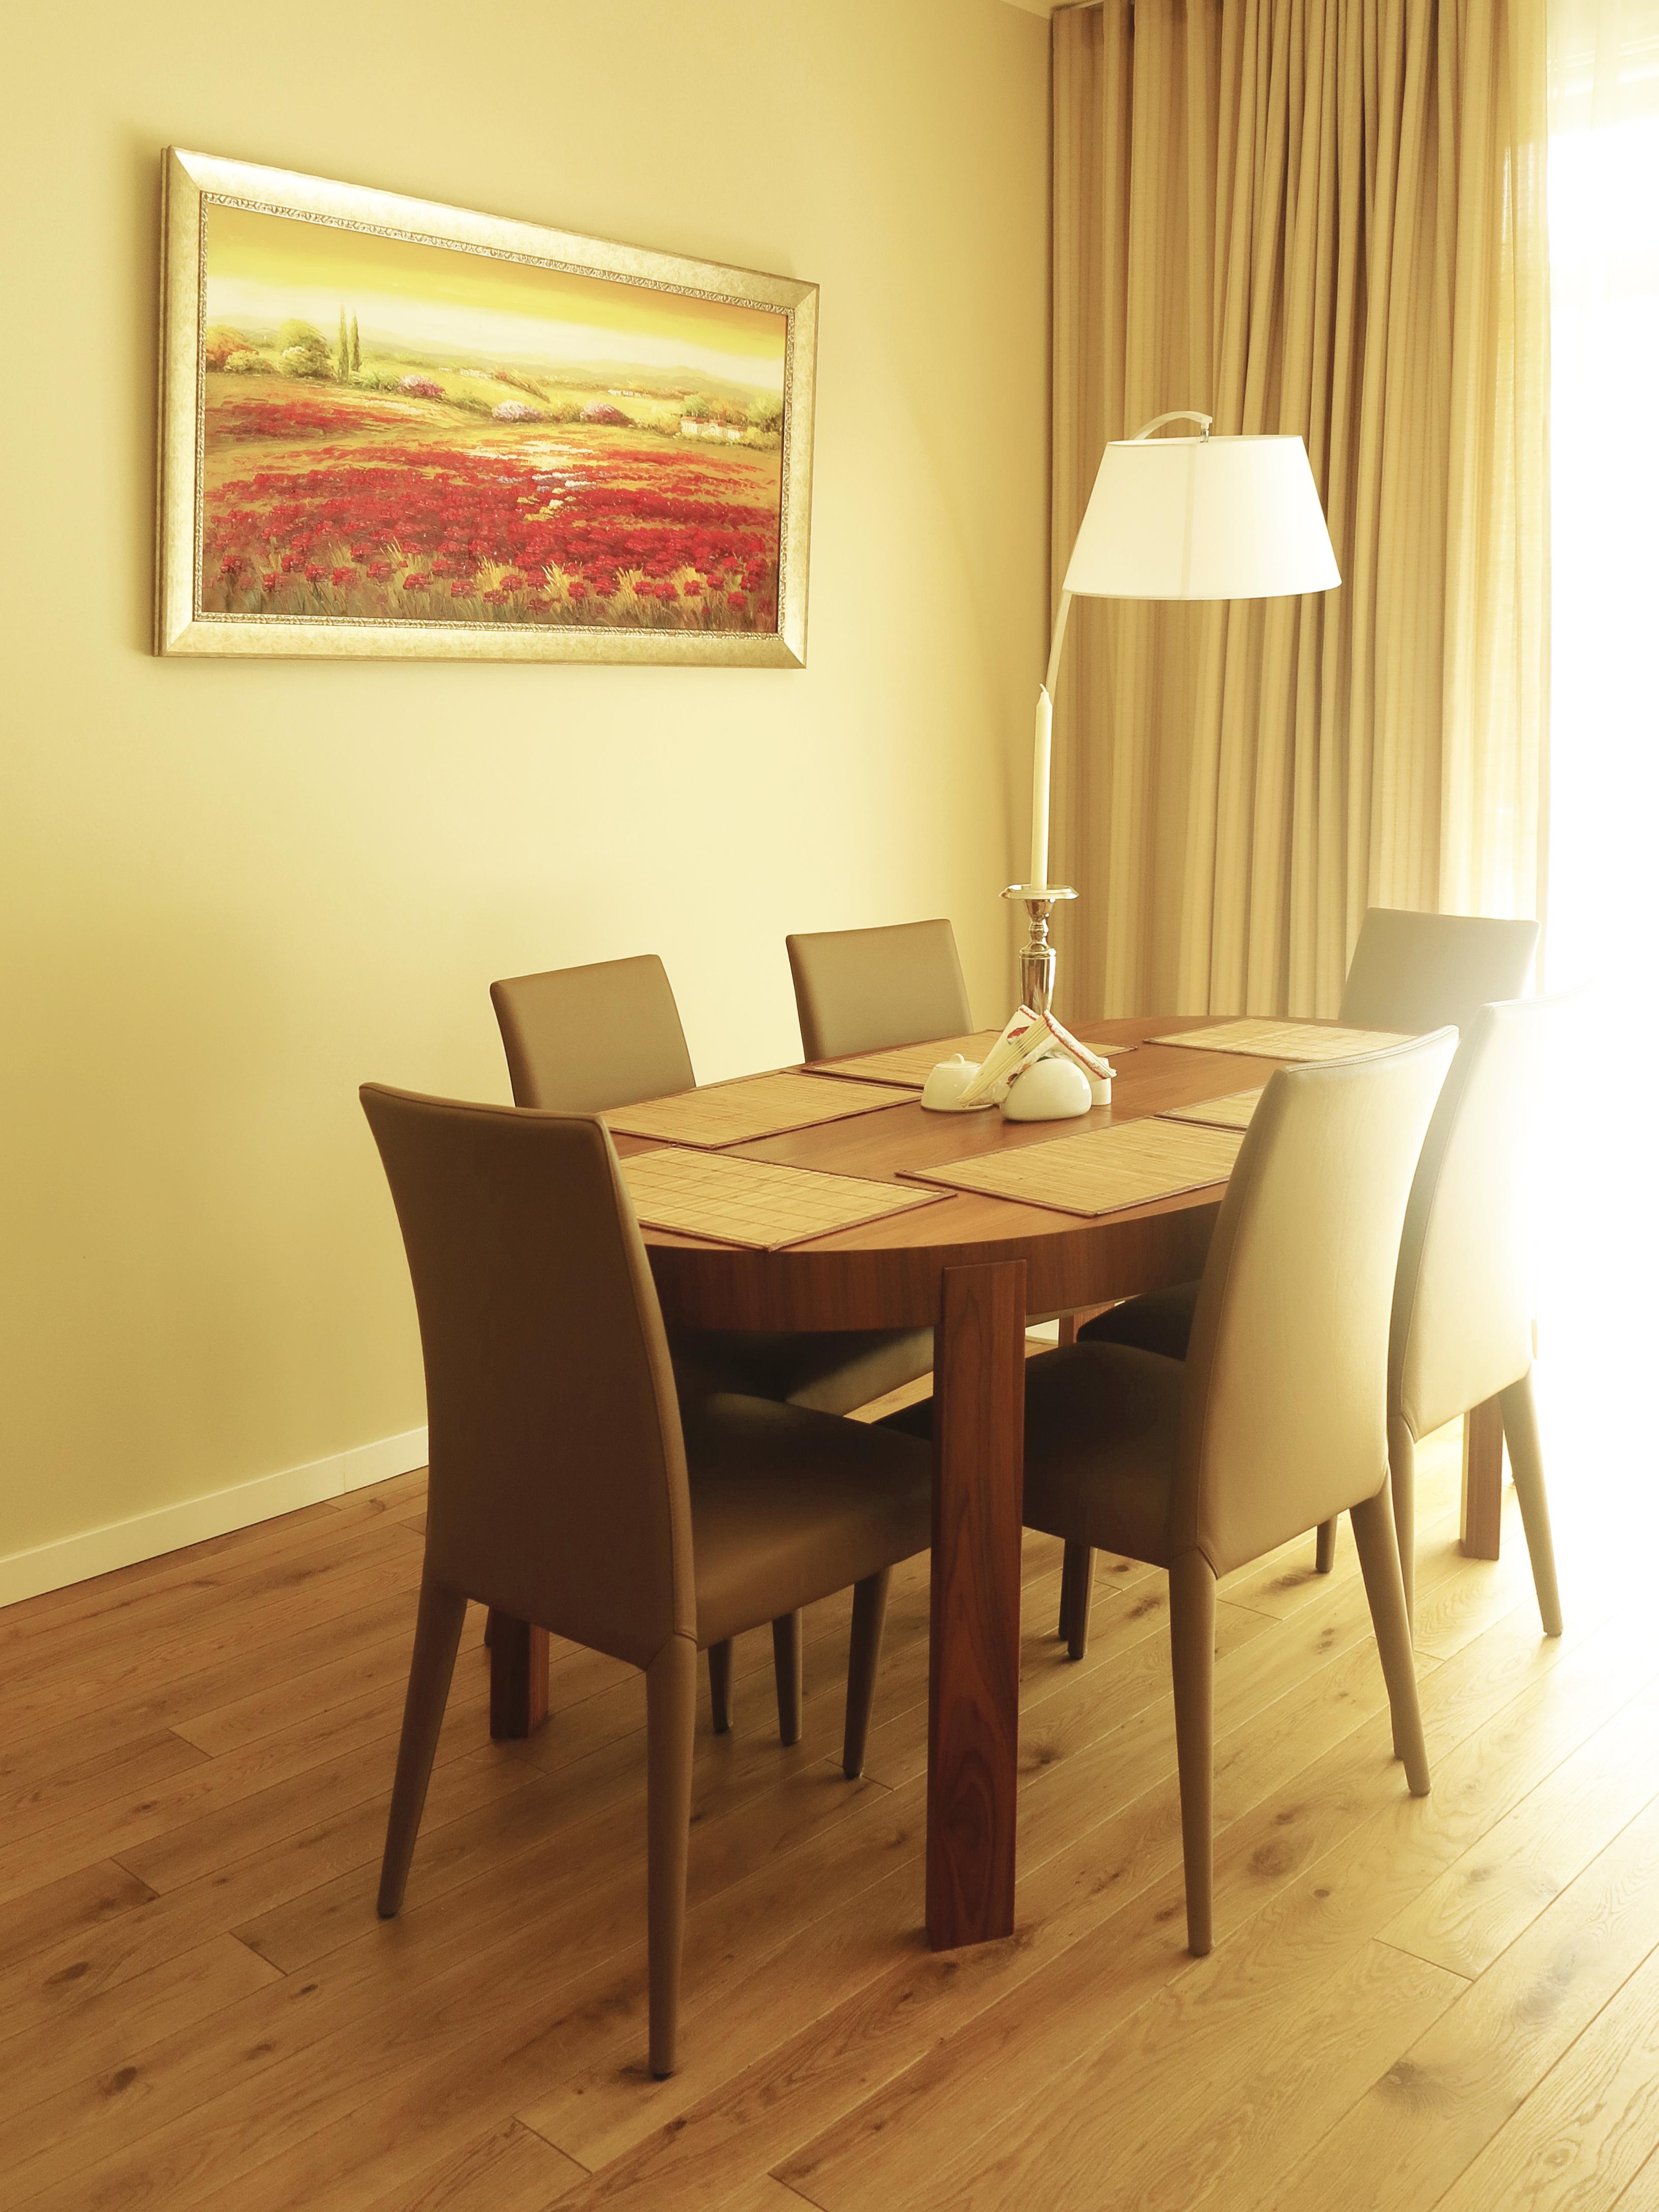 гостиная-кухня-столовая вид 7